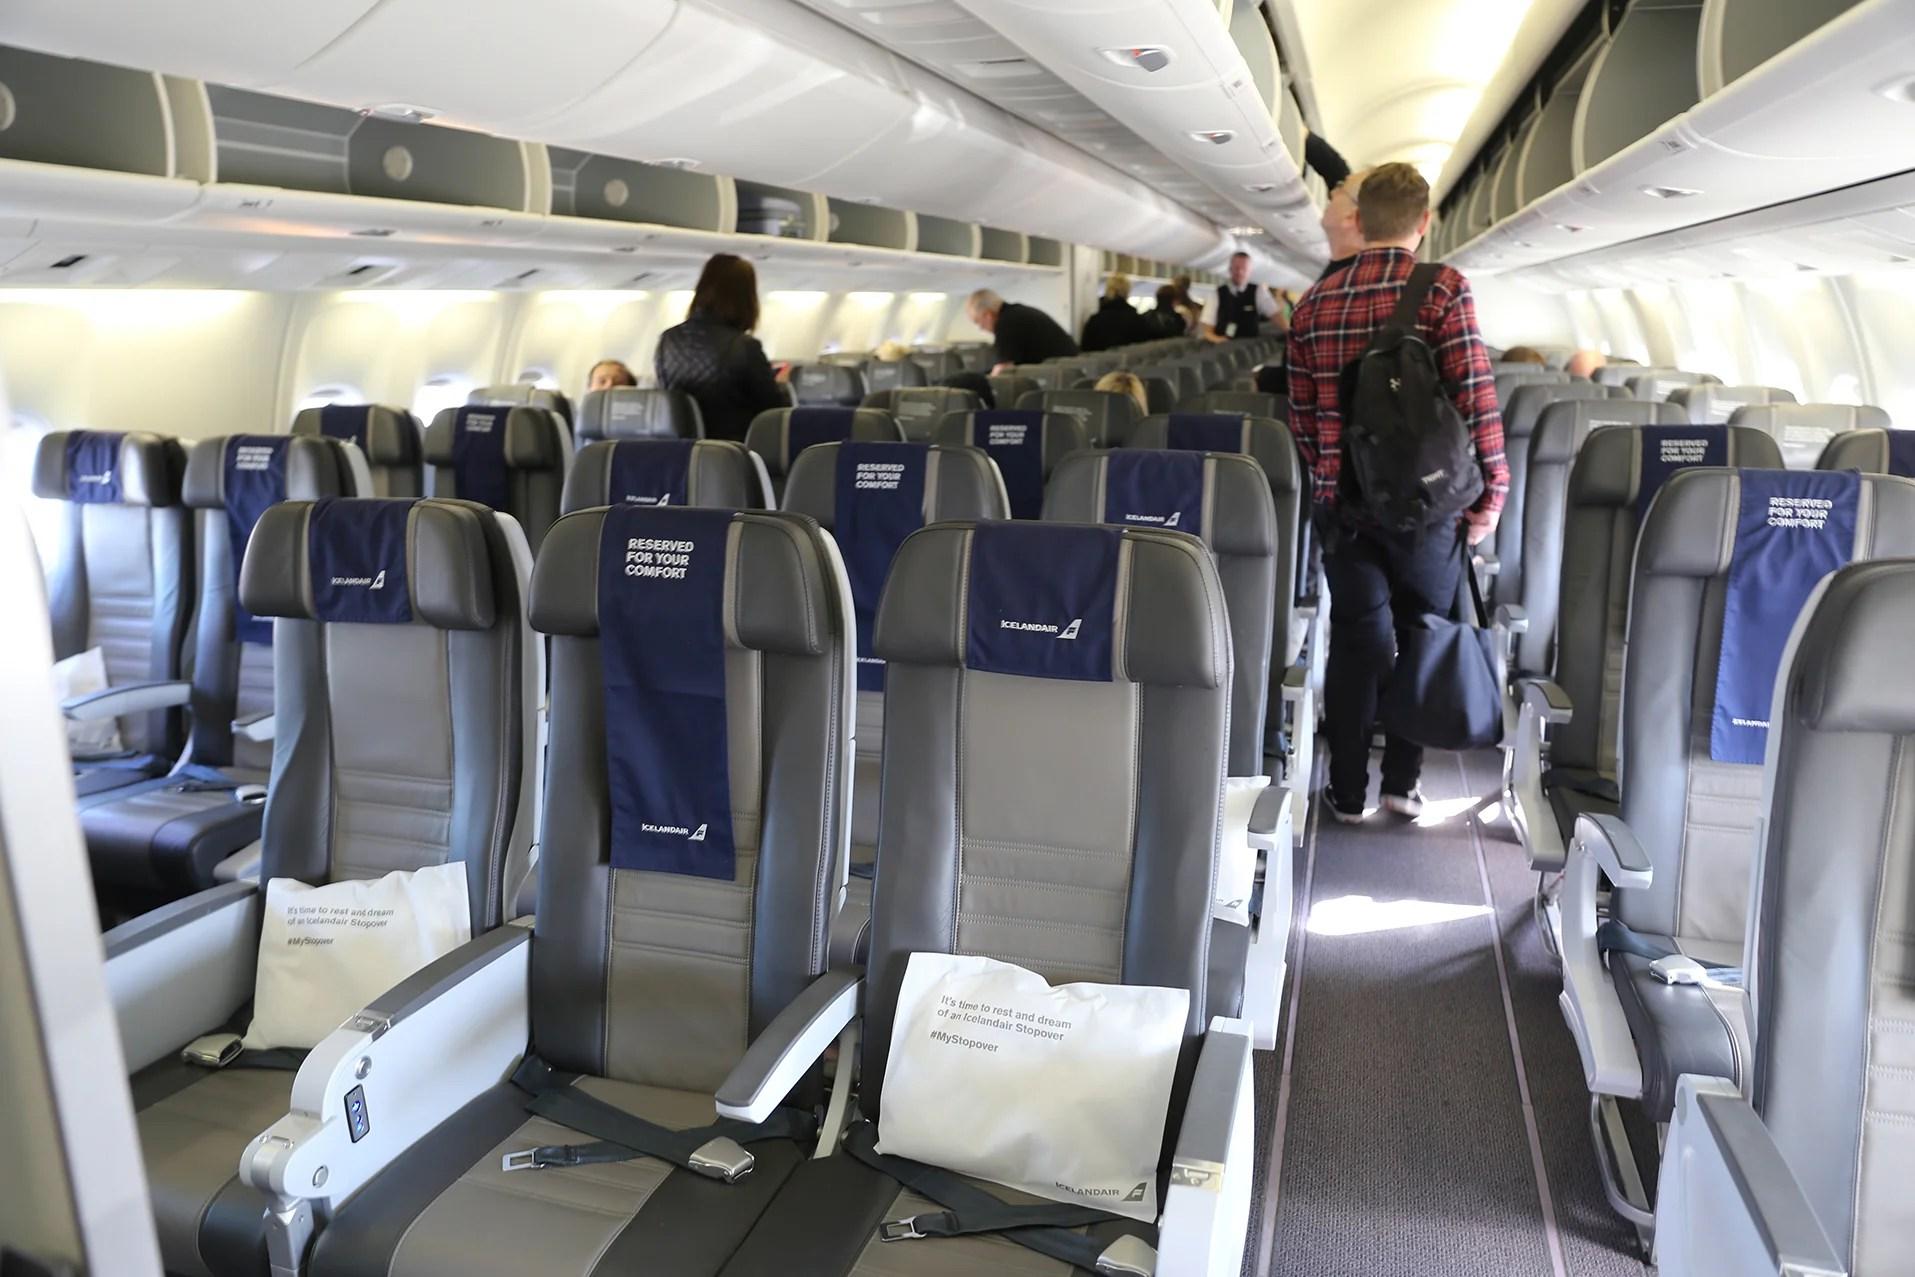 Review: Icelandair (767-300ER) Economy, Reykjavik to JFK on seatguru boeing 788 seat map, pan am seat map, privatair seat map, bulgarian air seat map, dragonair seat map, gulf air seat map, aircraft 76w seat map, air macau seat map, atlas air seat map, iran air seat map, saudia seat map, air tahiti seat map, xl airways france seat map, easyjet seat map, airline seat map, red wings seat map, first air seat map, air asia seat map, airberlin seat map, air india 777-300er seat map,